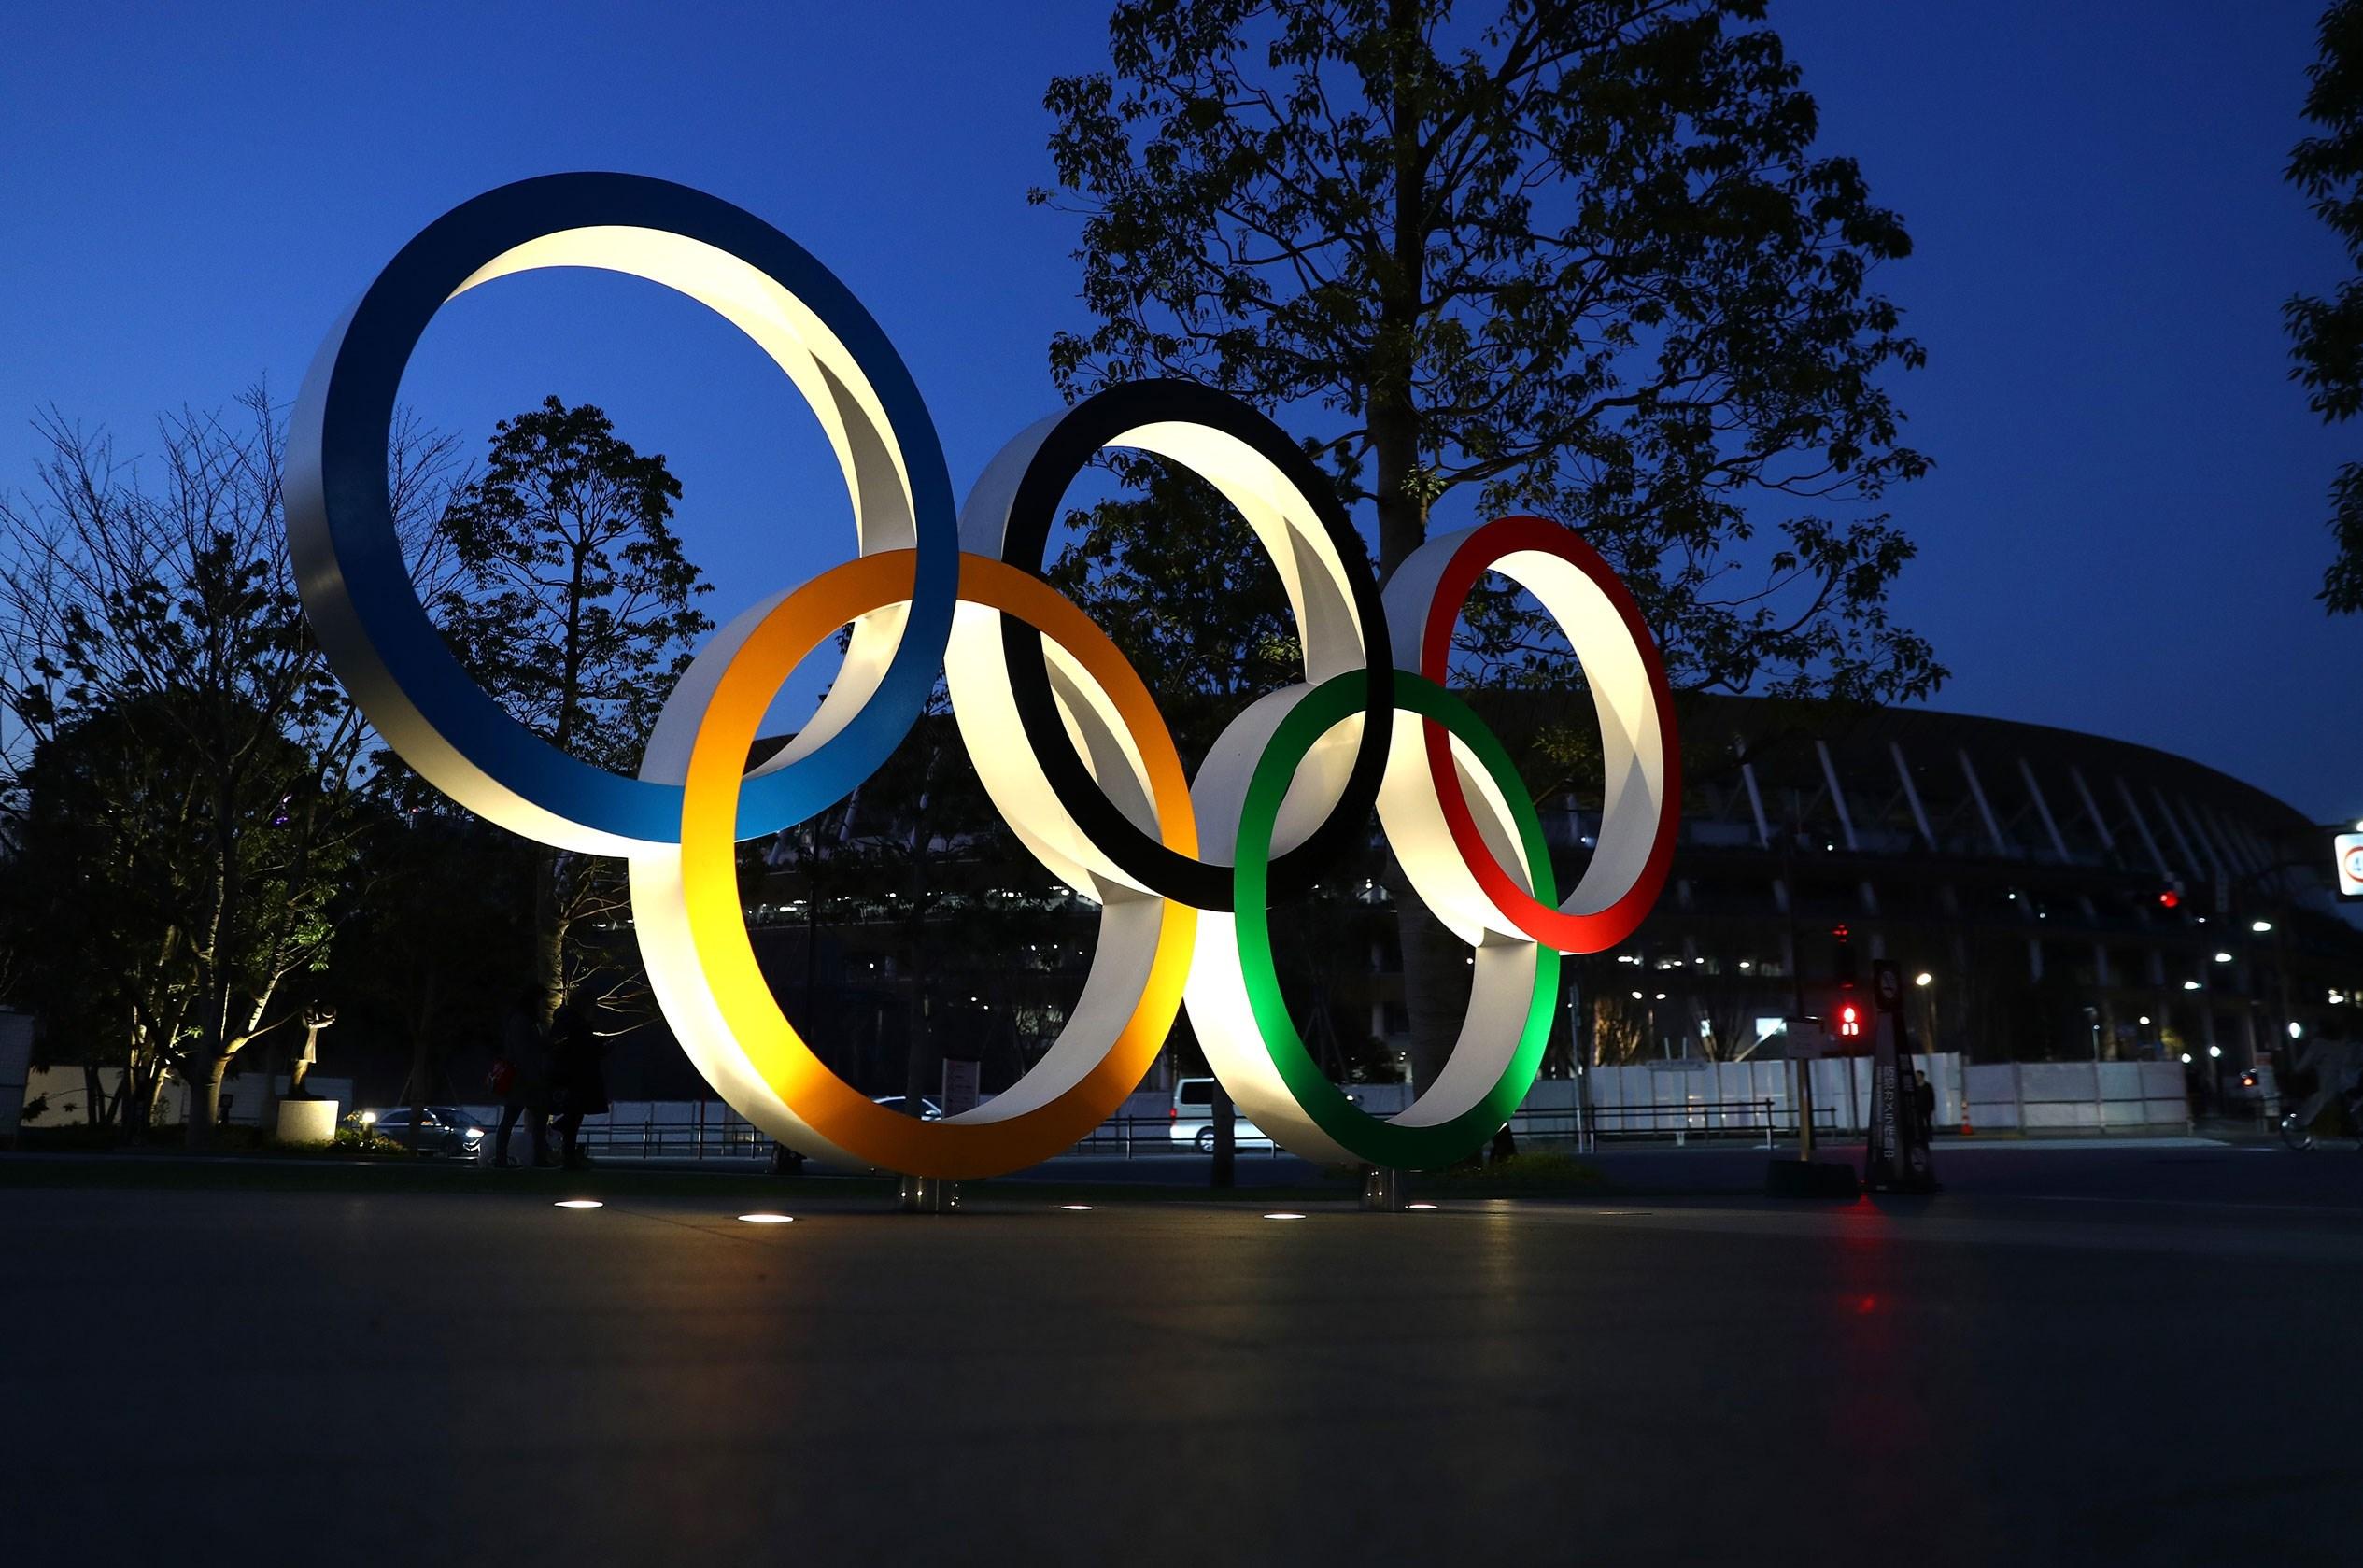 الموعد الجديد لأولمبياد طوكيو في ربيع 2021؟